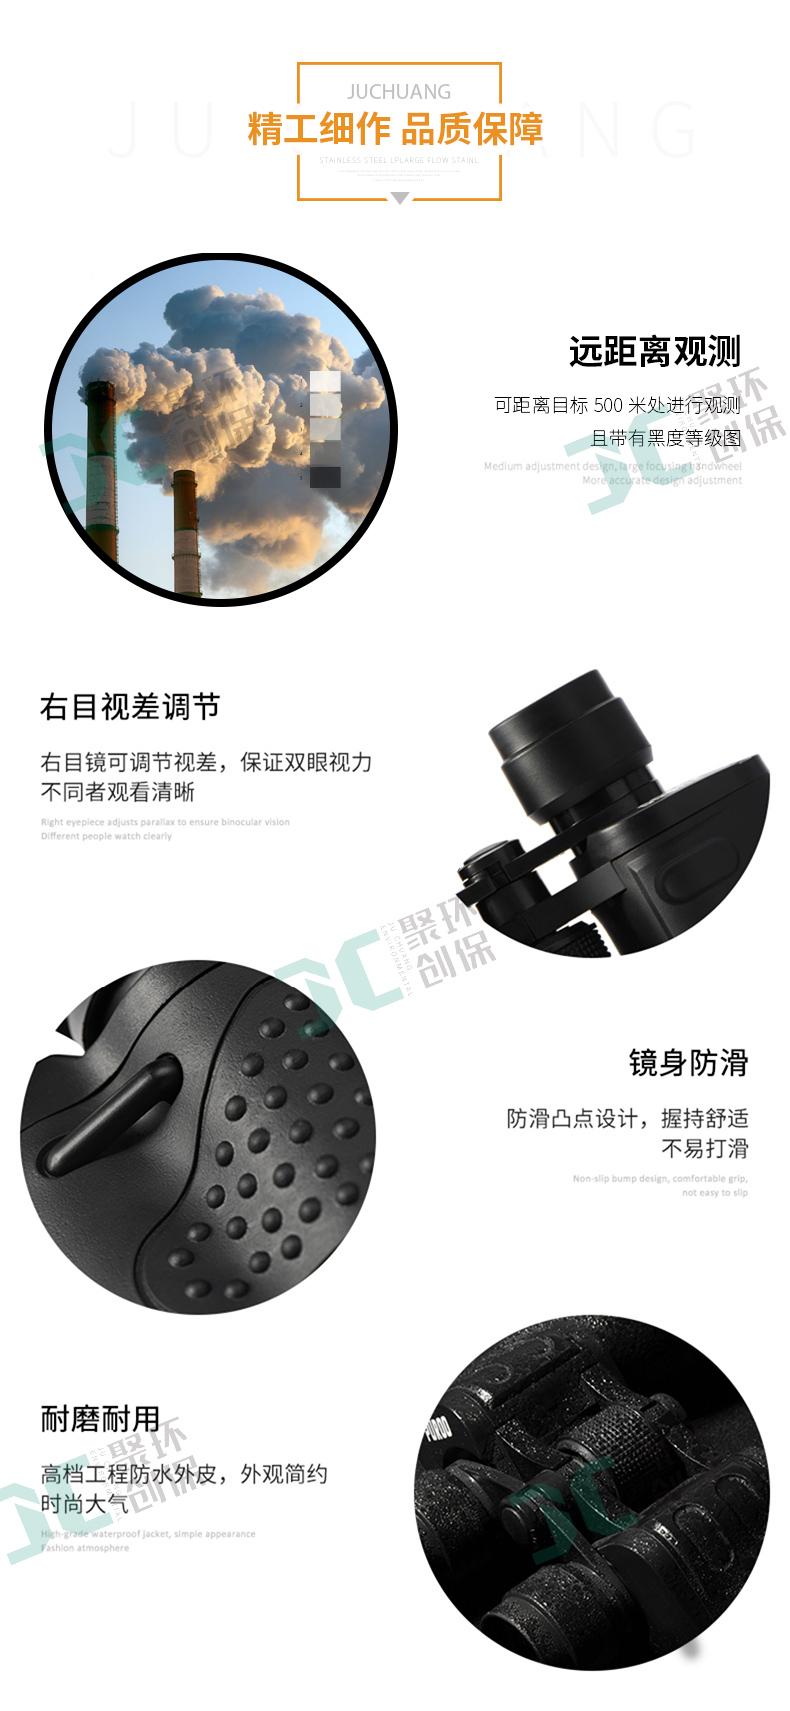 聚創環保林格曼黑度計雙筒黑度望遠鏡